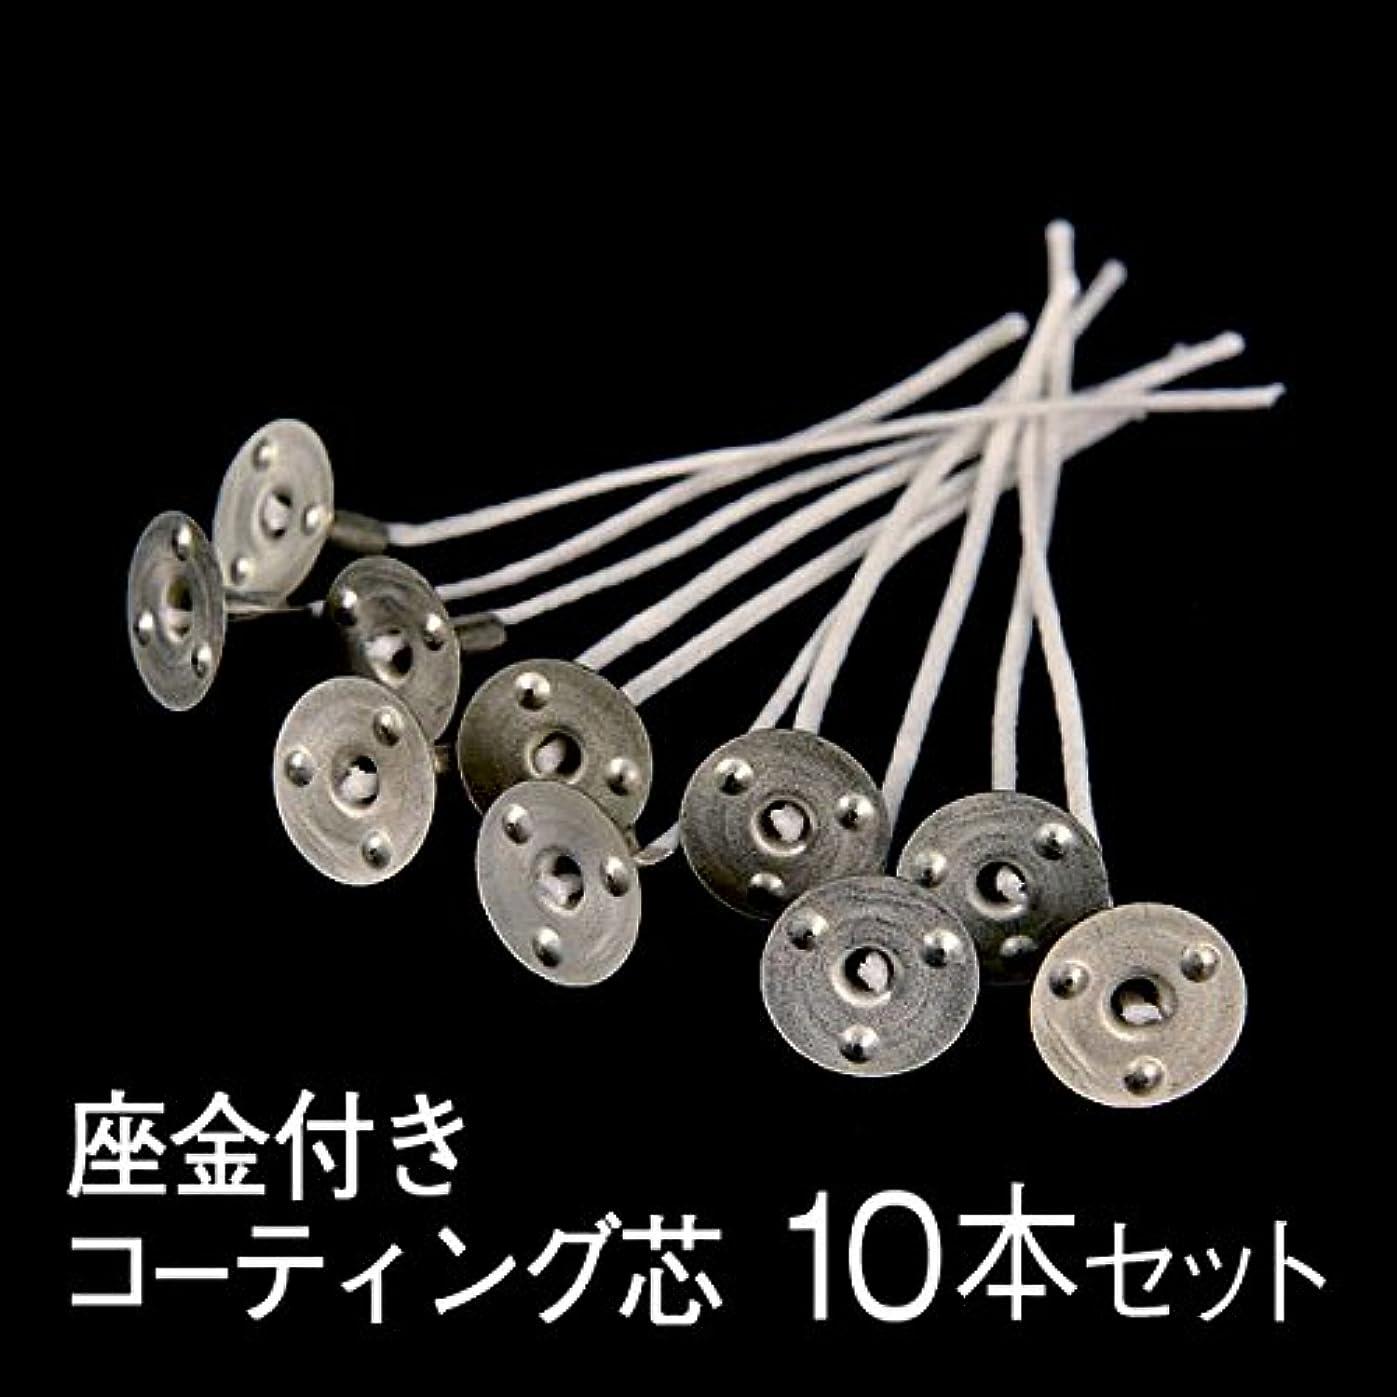 喜びどこにもドラム《10本セット》 キャンドル用 座金付きコーティング芯 キャンドル 座金 芯 材料 手作り キット ジェルキャンドル ジェルワックス ソイワックス パラフィン